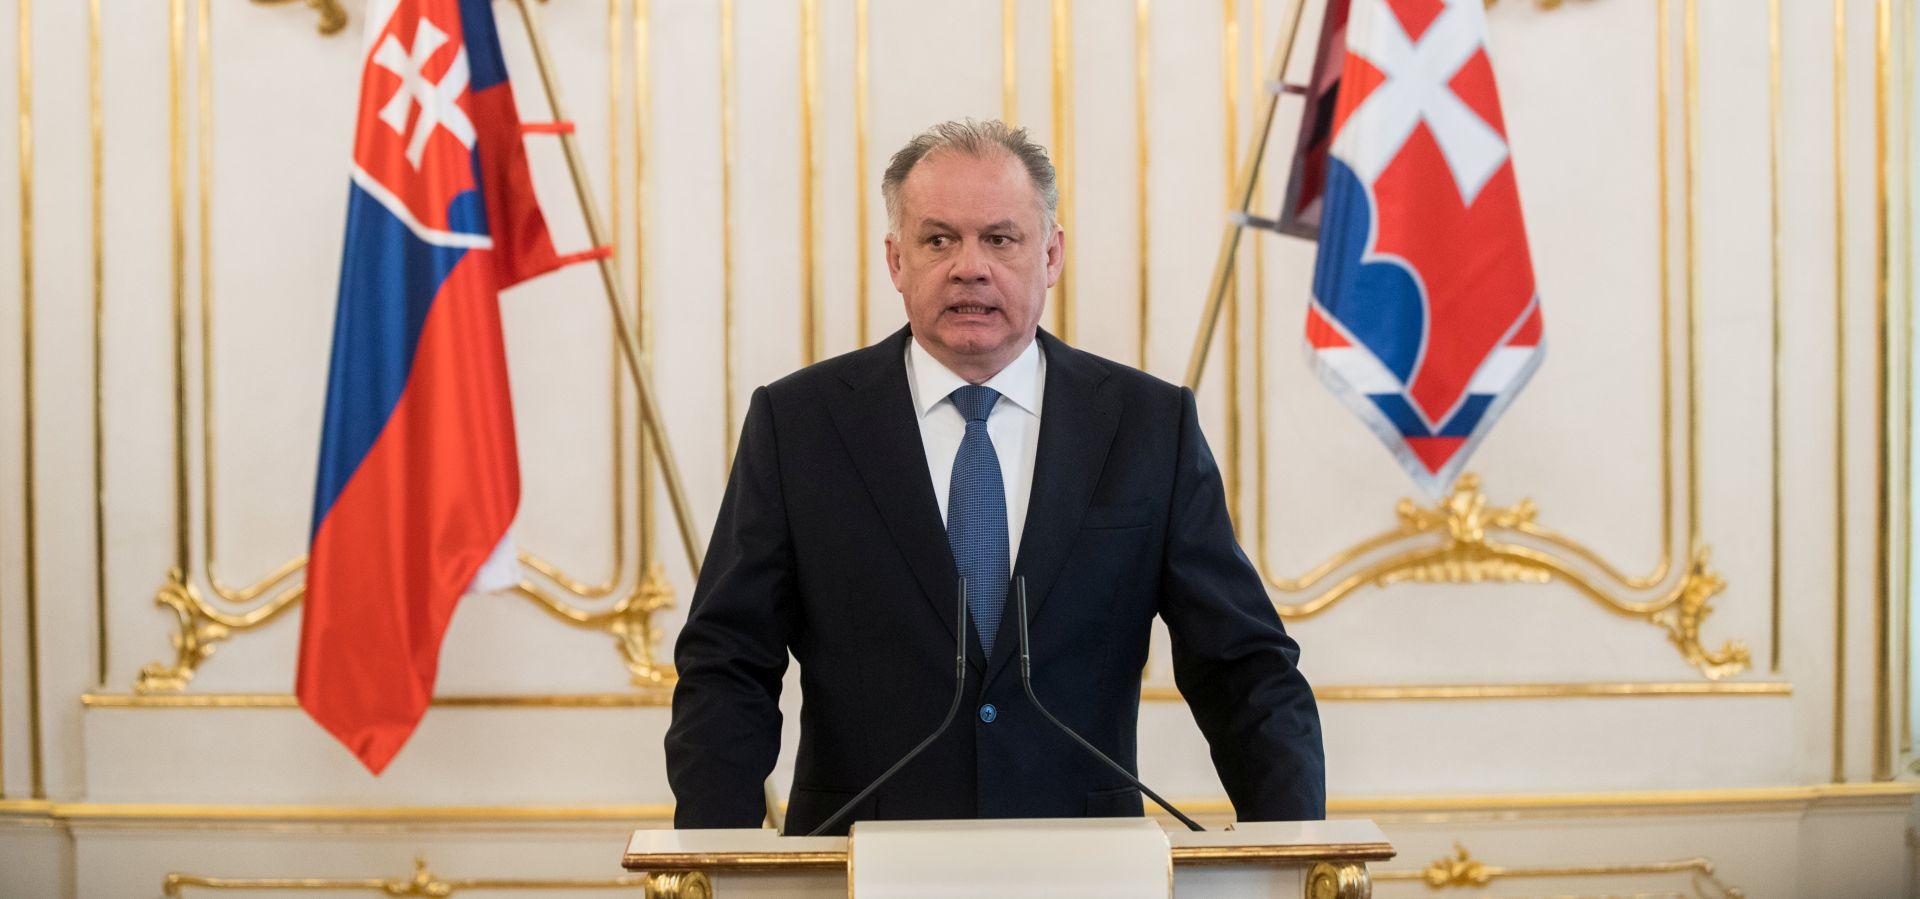 SLOVAČKA Kiska odbio prihvatiti Pellegrinijevu vladu